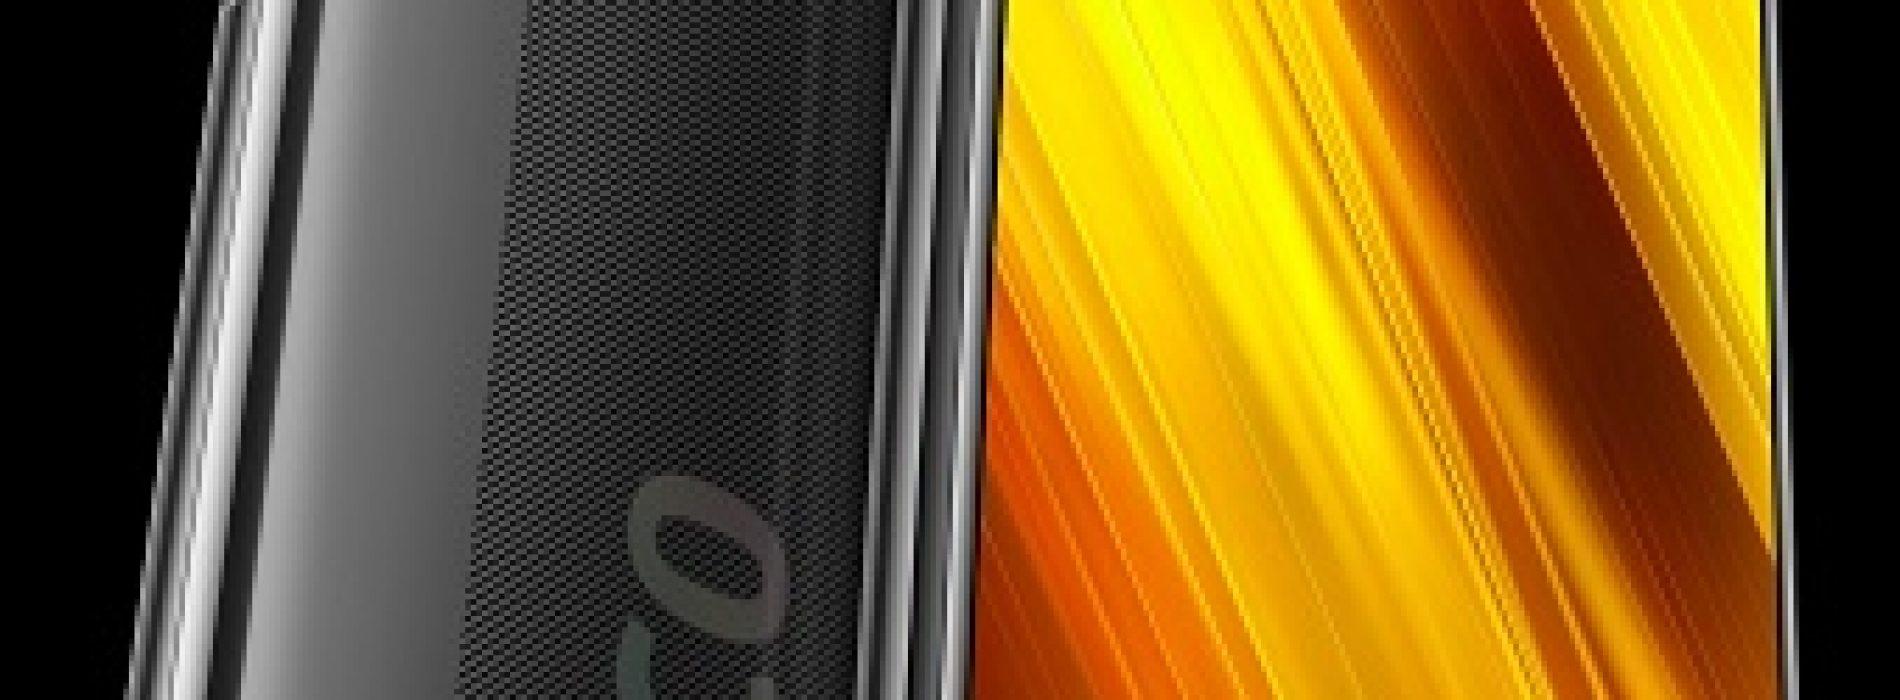 POCO X3 NFC  primer Smartphone con procesador Snap Dragon 732G